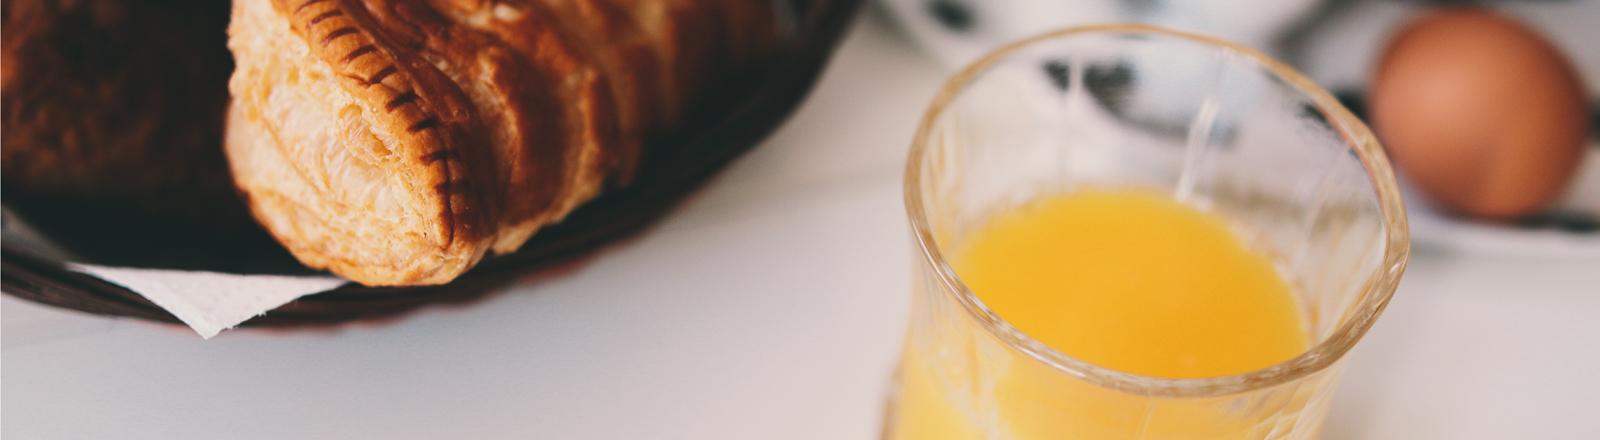 Eier, Croissant, Orangensaft auf Frühstückstisch